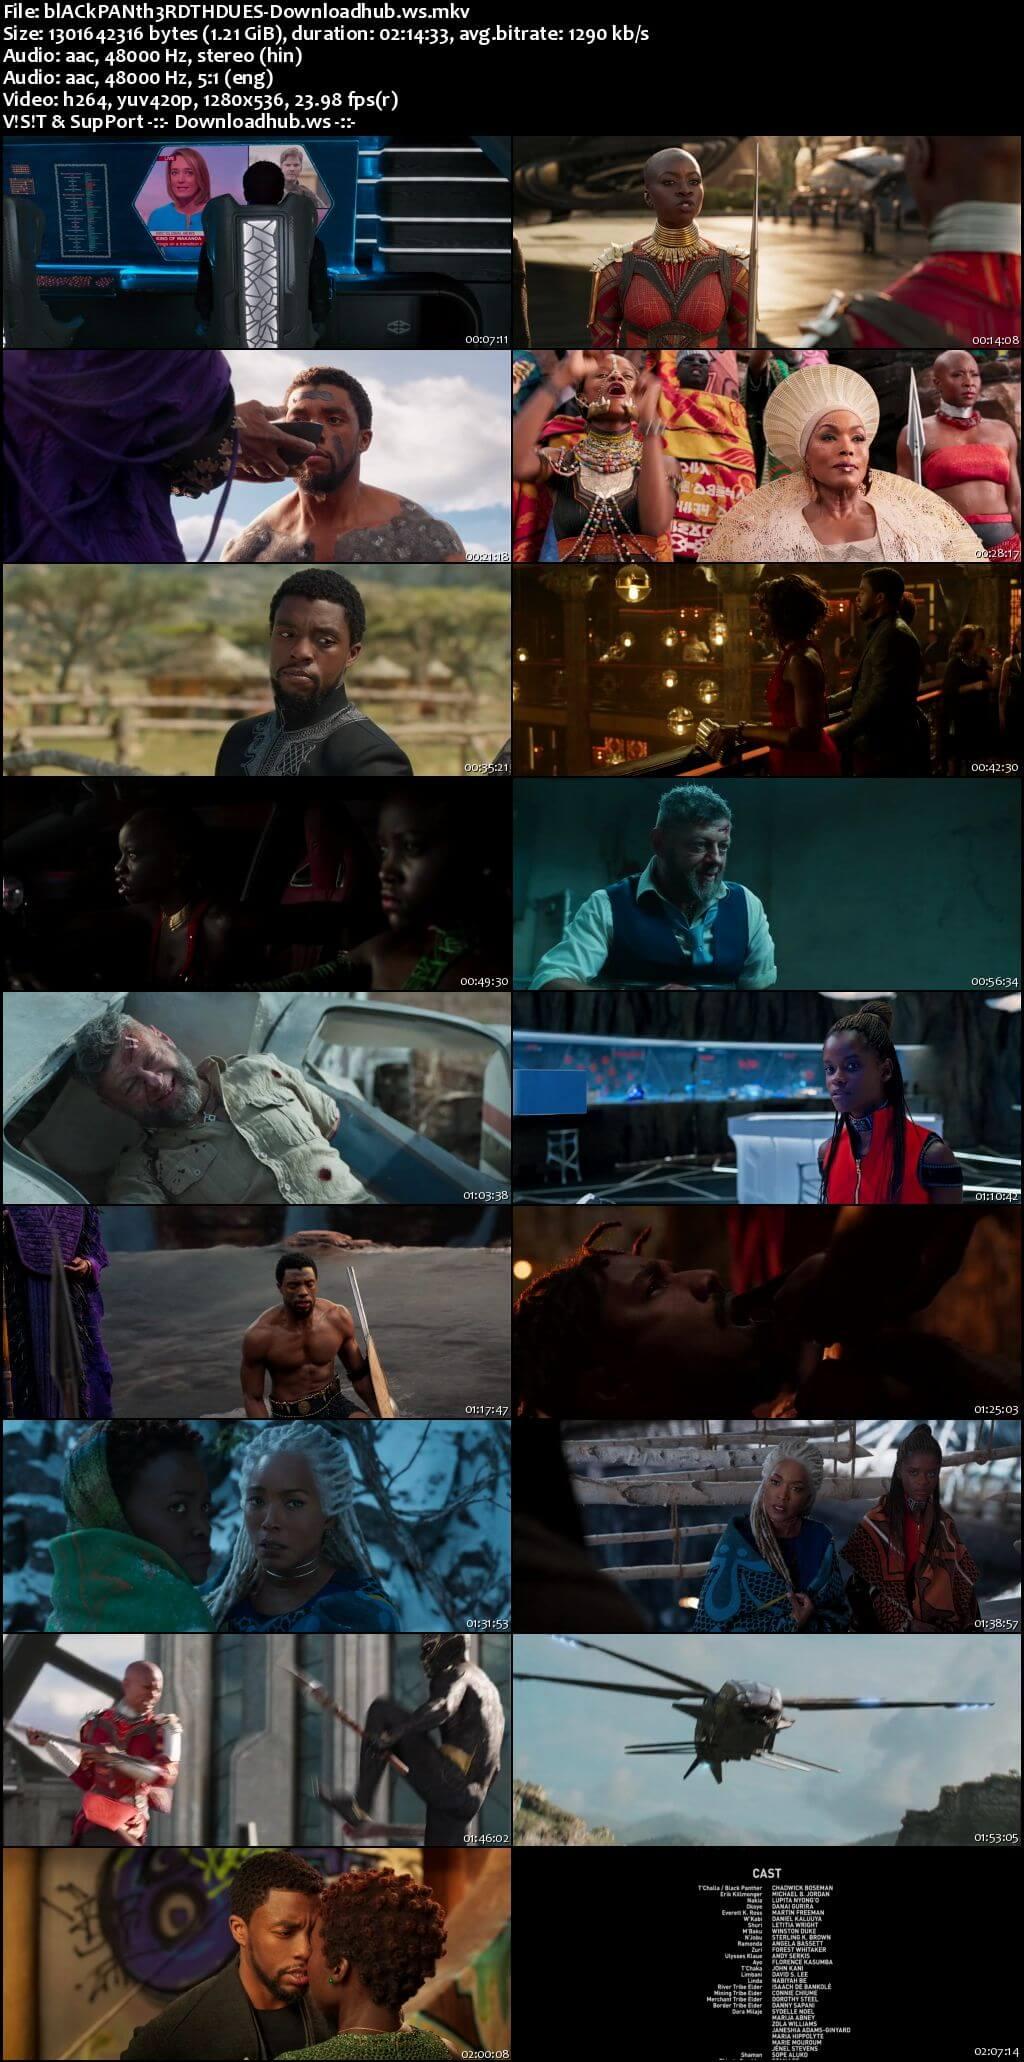 Black Panther 2018 Hindi Dual Audio 720p BluRay Free Download